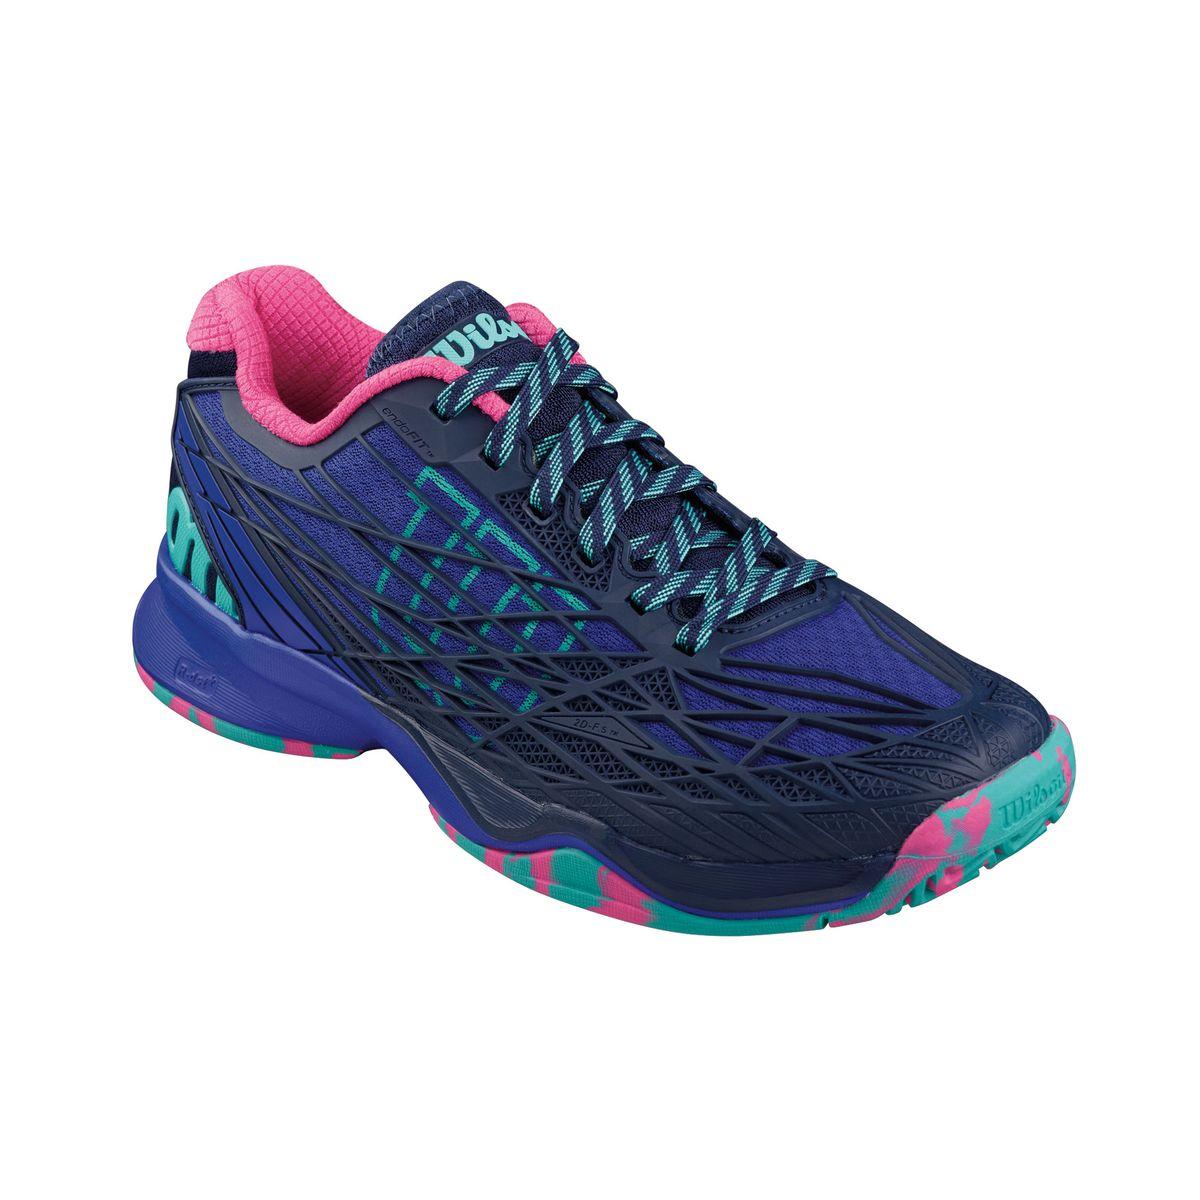 Кроссовки для тенниса жен. KAOS. WRS321290WRS321290Продукт года. Серия KAOS - это стильный дизайн. Легкий вес. Обеспечение комфорта на самых быстрых скоростях в современном теннисе.